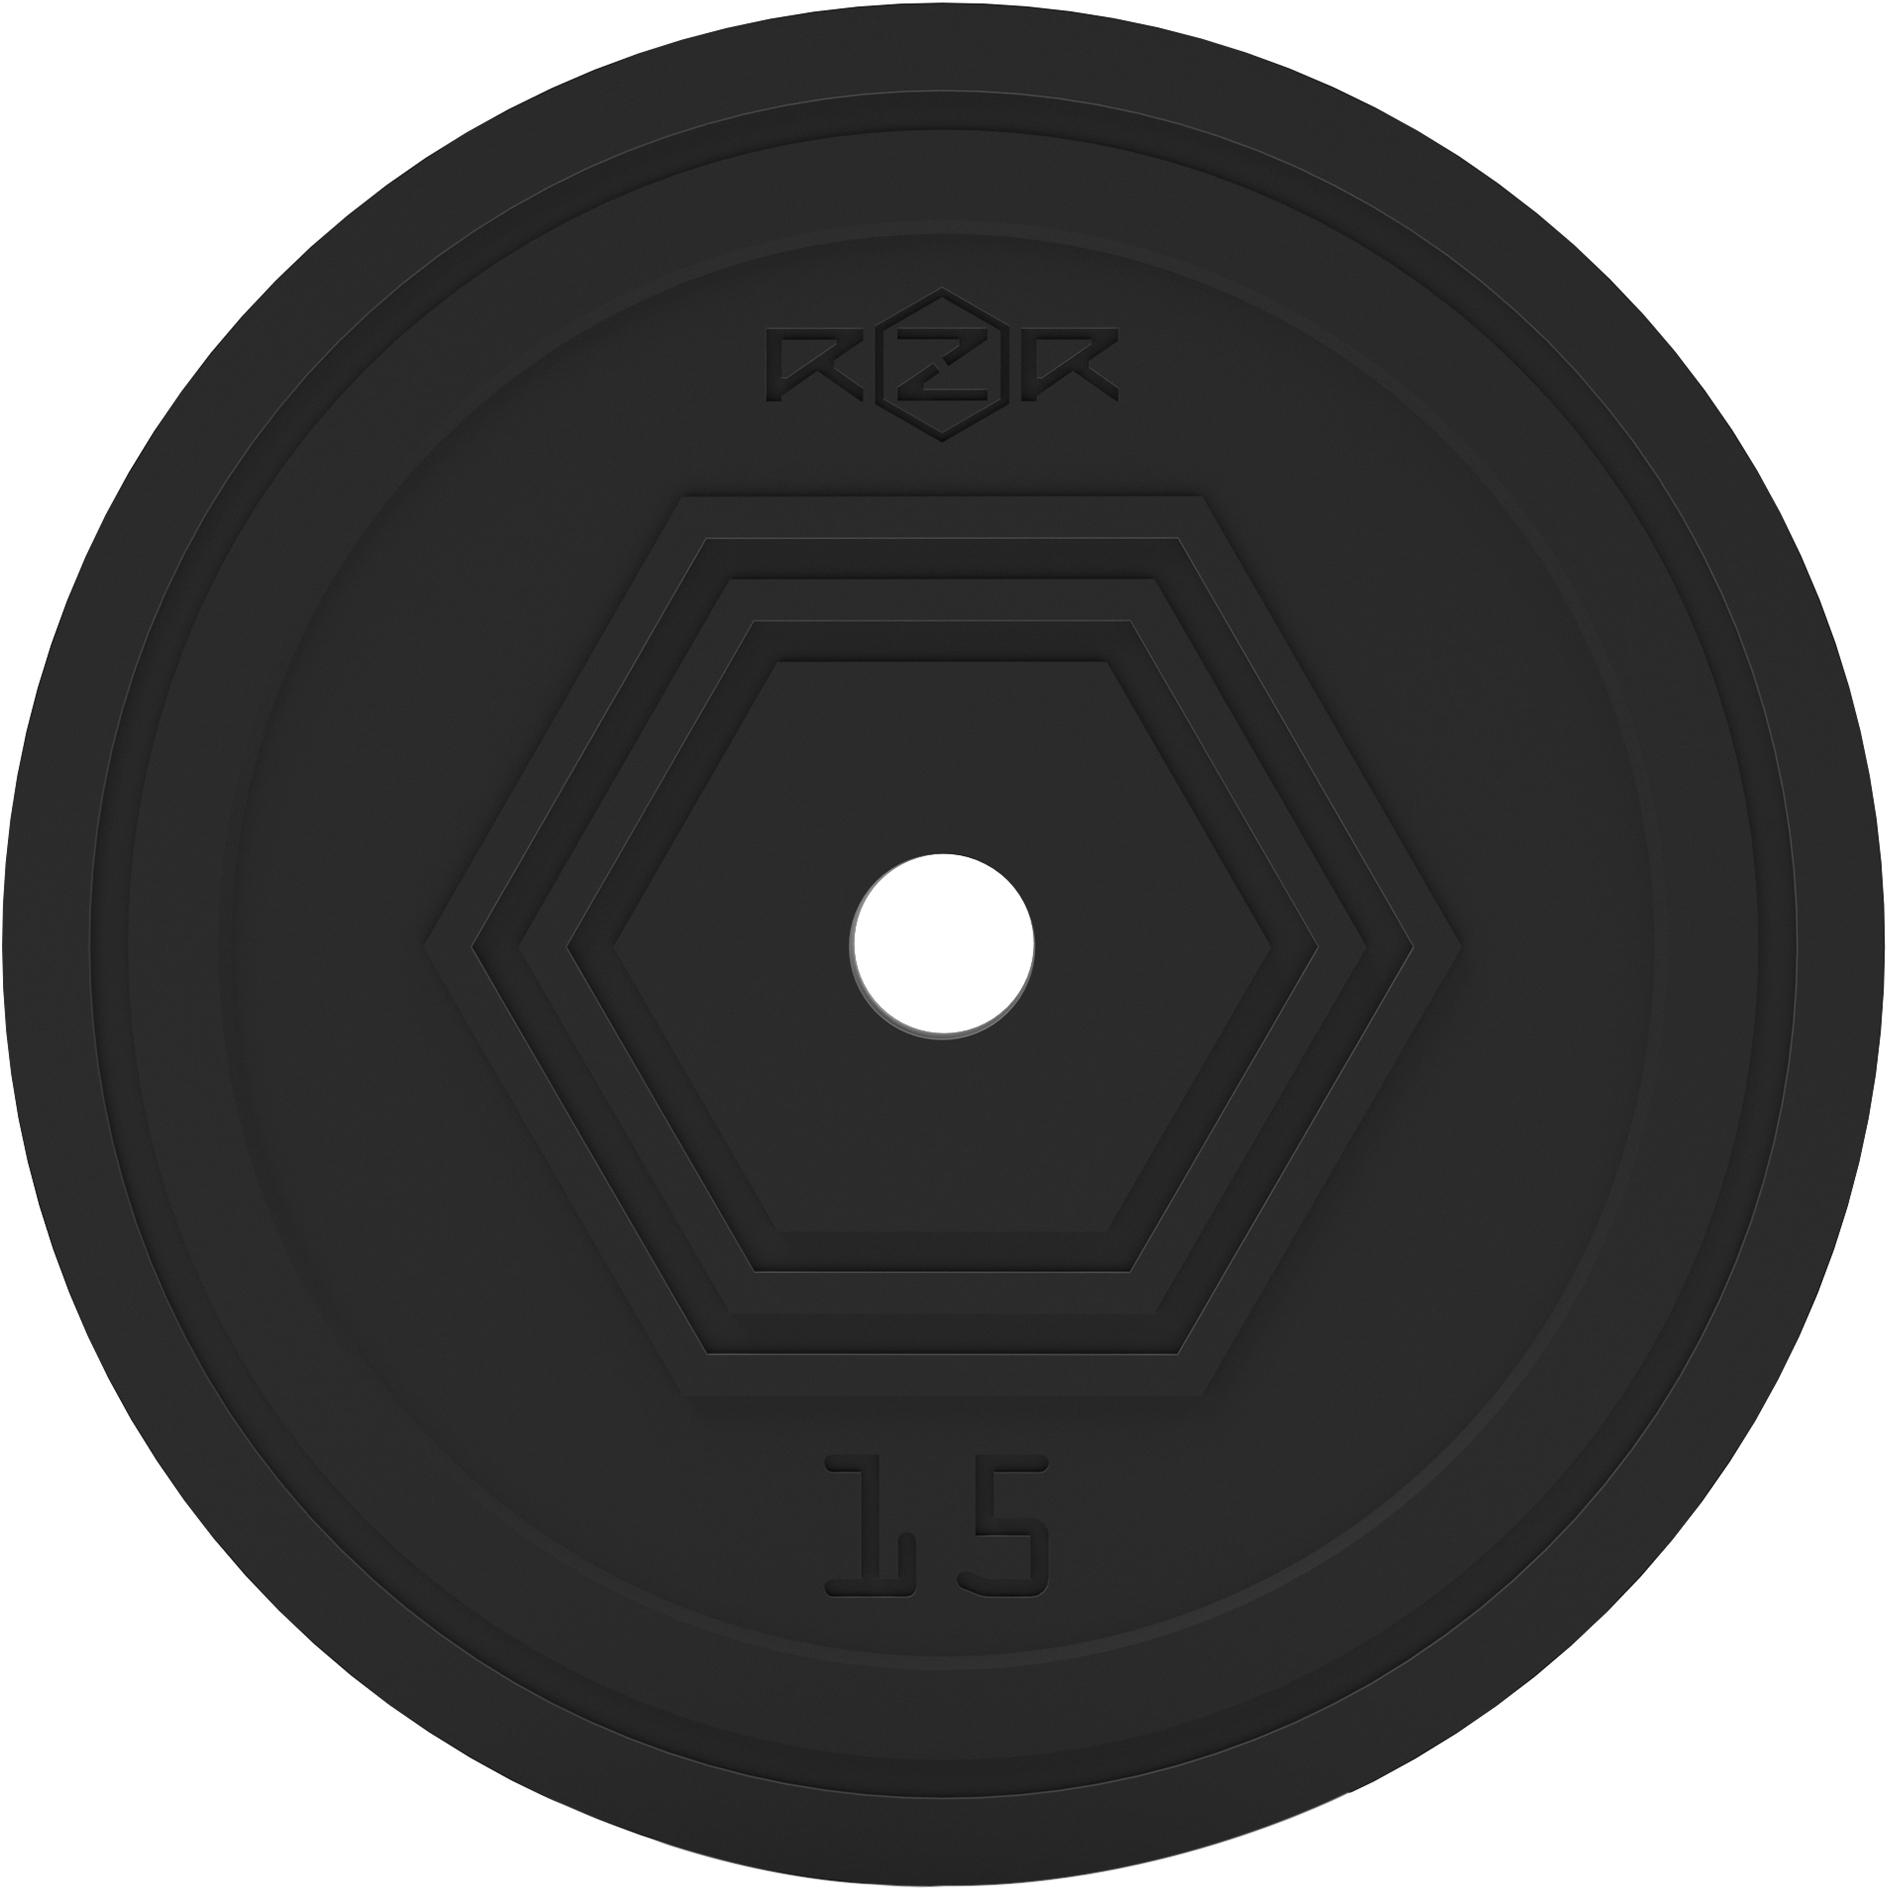 RZR Блин стальной обрезиненный, 15 кг -R150 rzr блин стальной обрезиненный rzr 20 кг